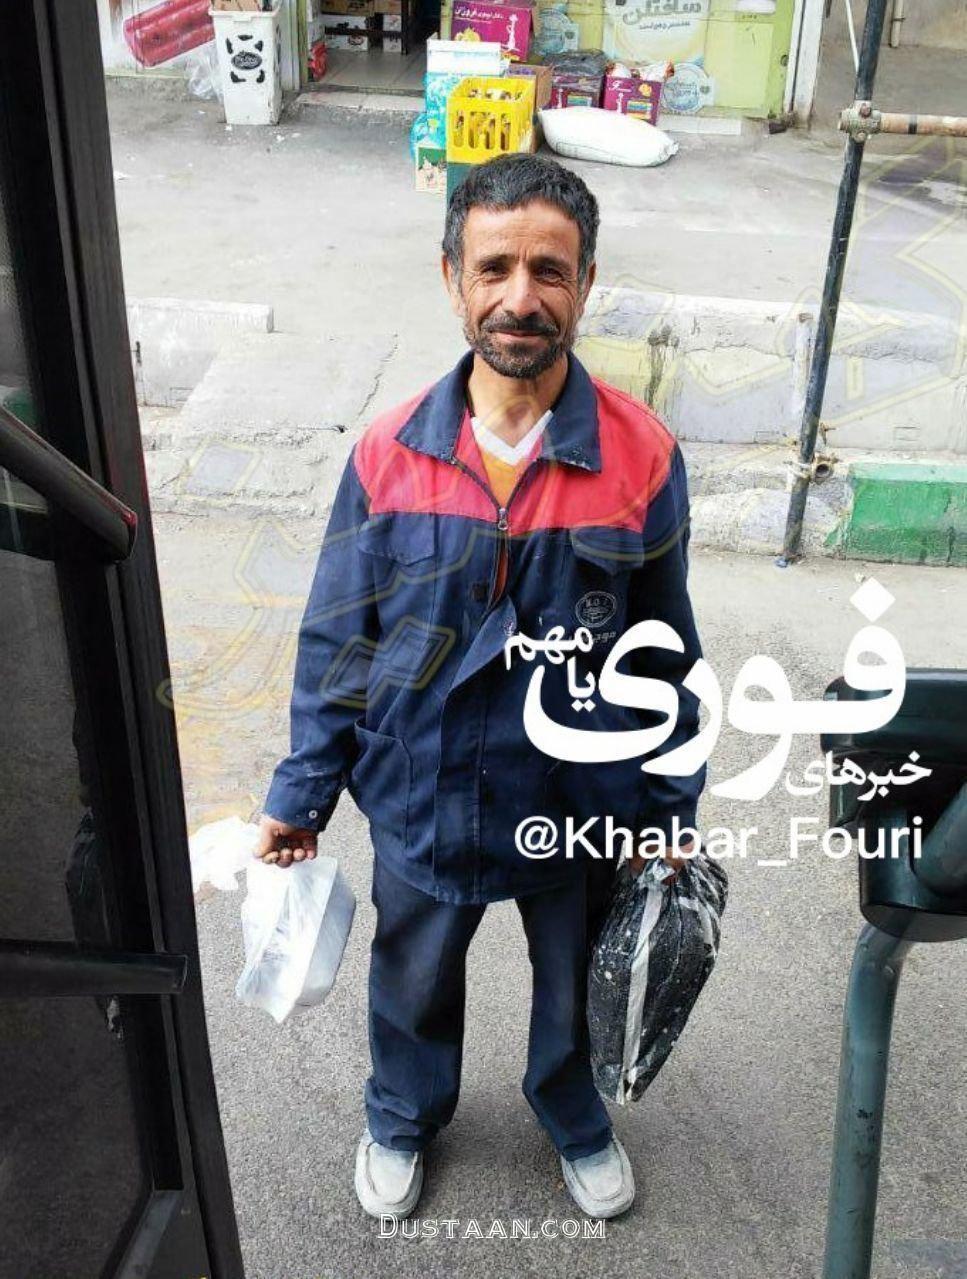 شباهت جالب این مرد به احمدی نژاد! +عکس